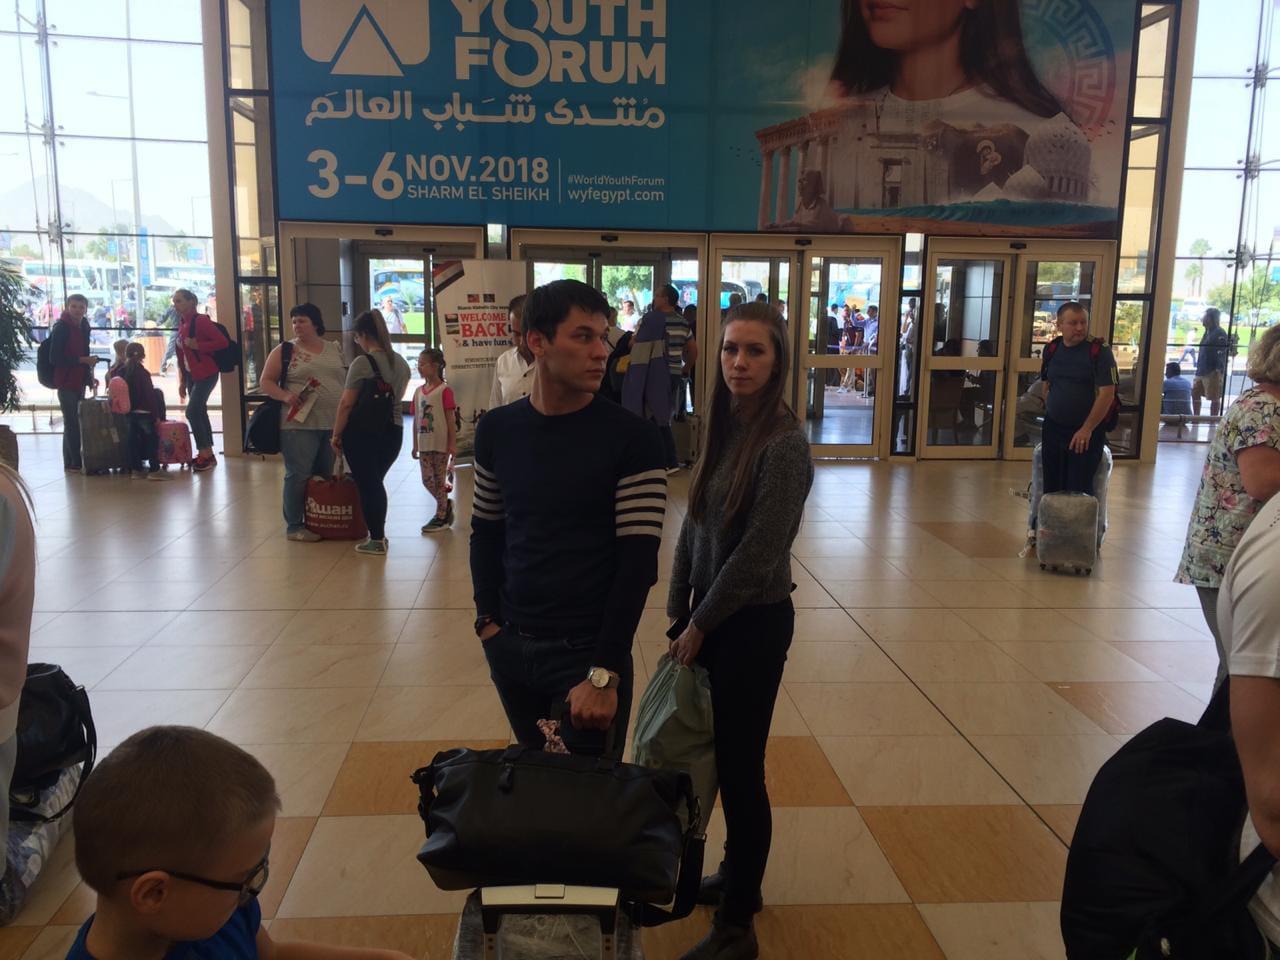 وصول اول طائرة من روسيا اليوم الي مطار شرم الشيخ  (1)